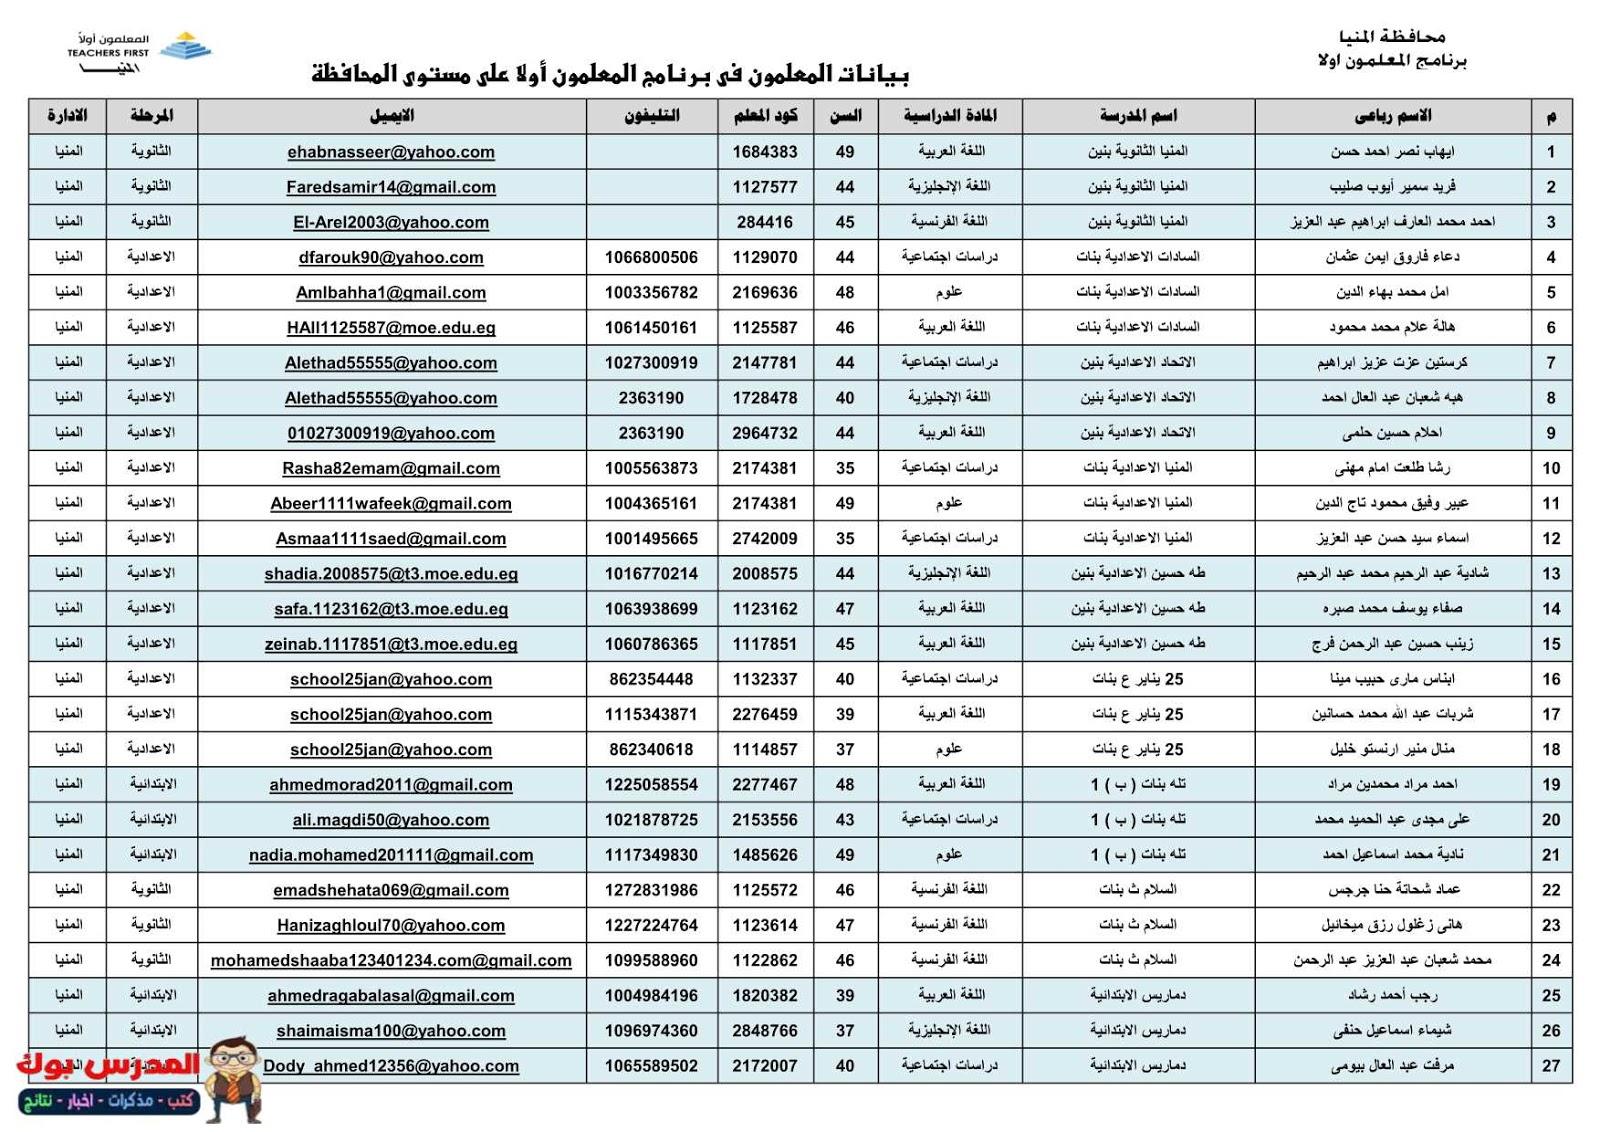 كشوف أسماء المعلمون لتدريب المعلمون أولا 2018